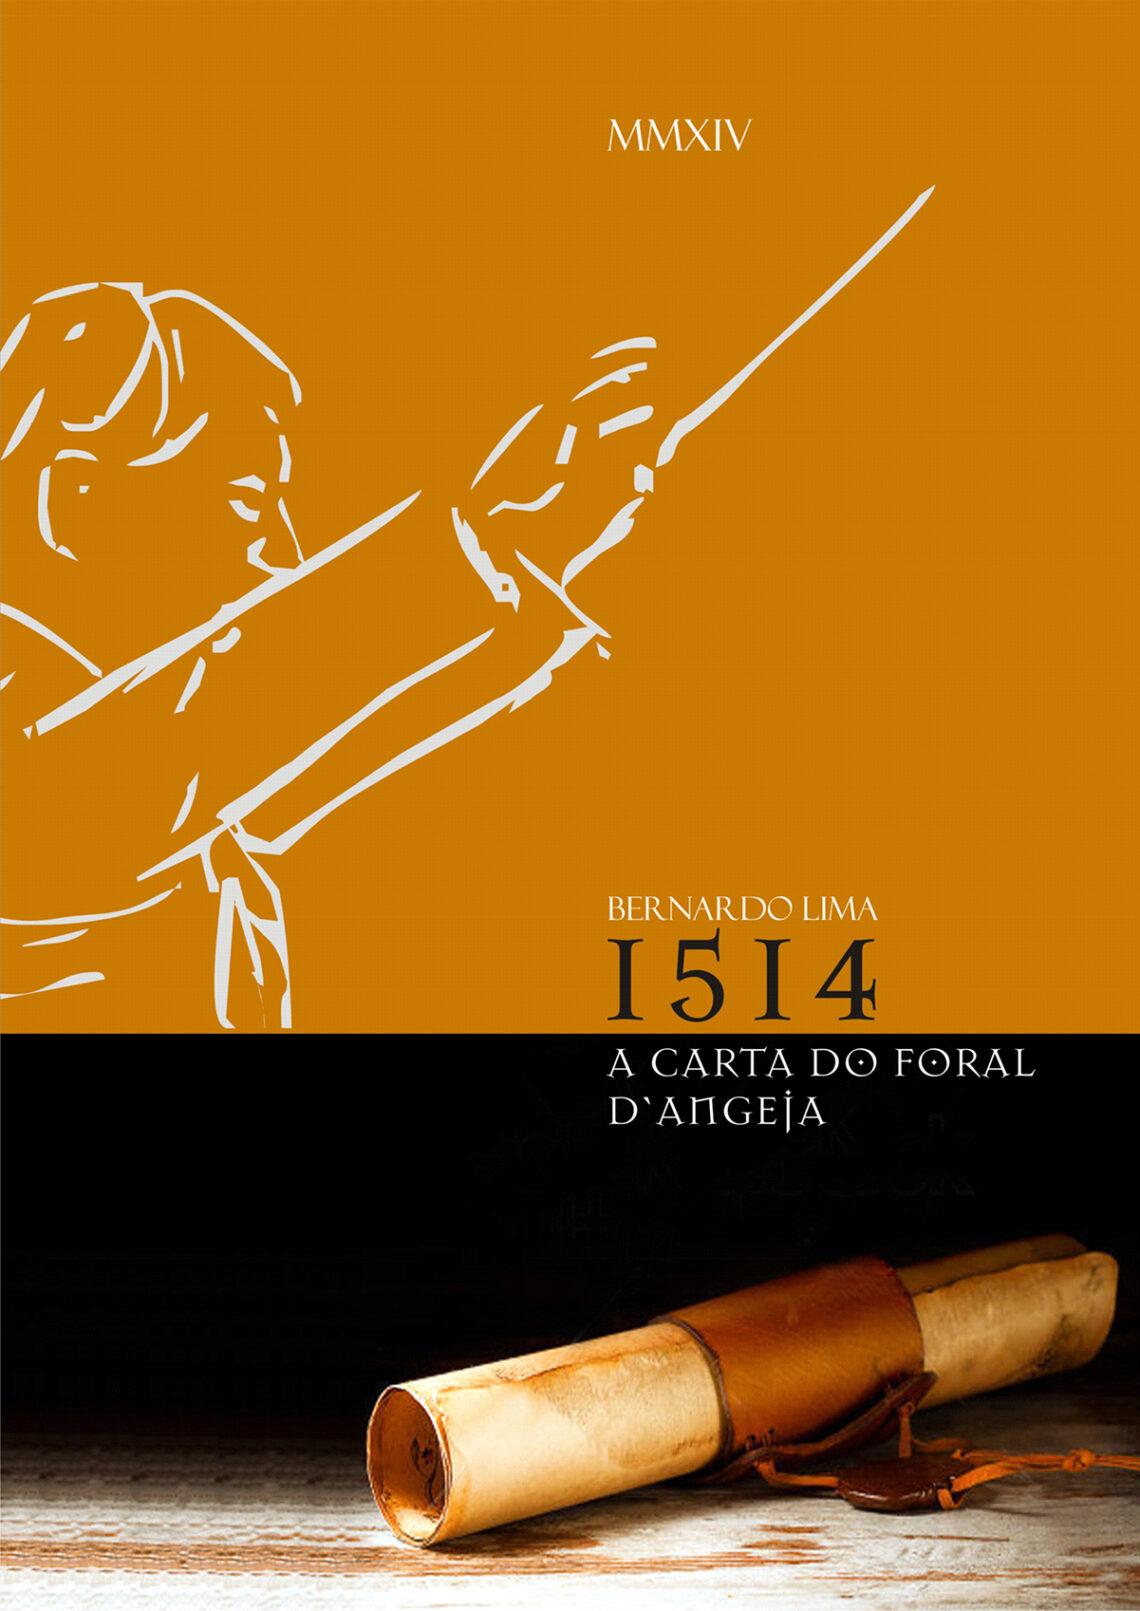 1514 – A Carta de Foral D'Angeja